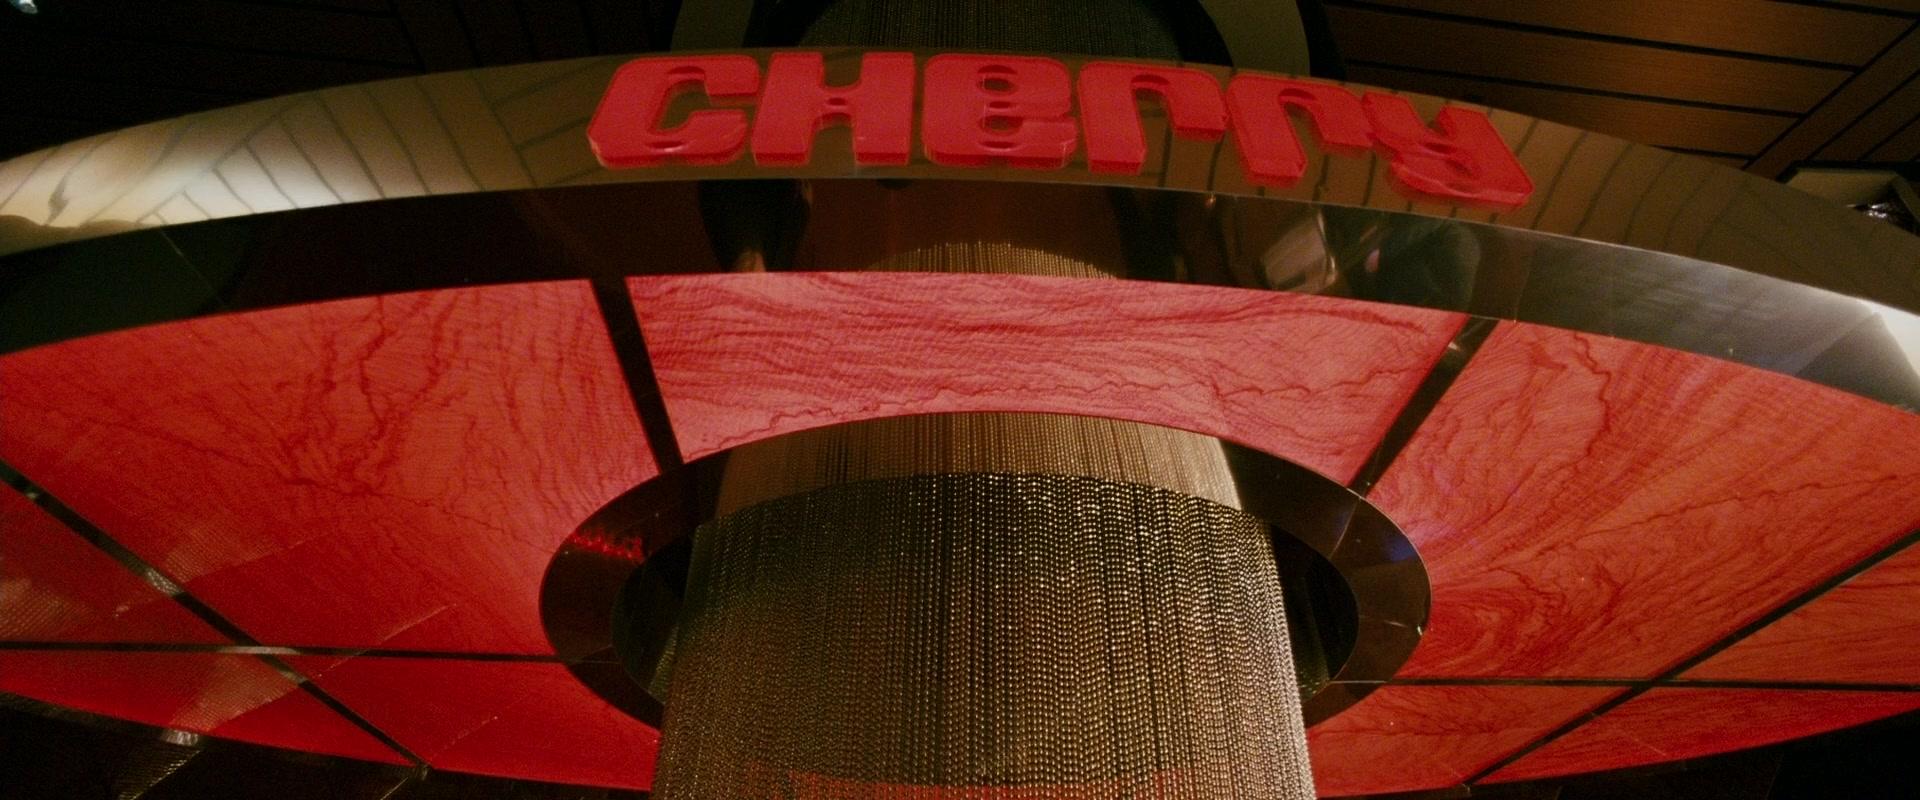 cherry casino las vegas